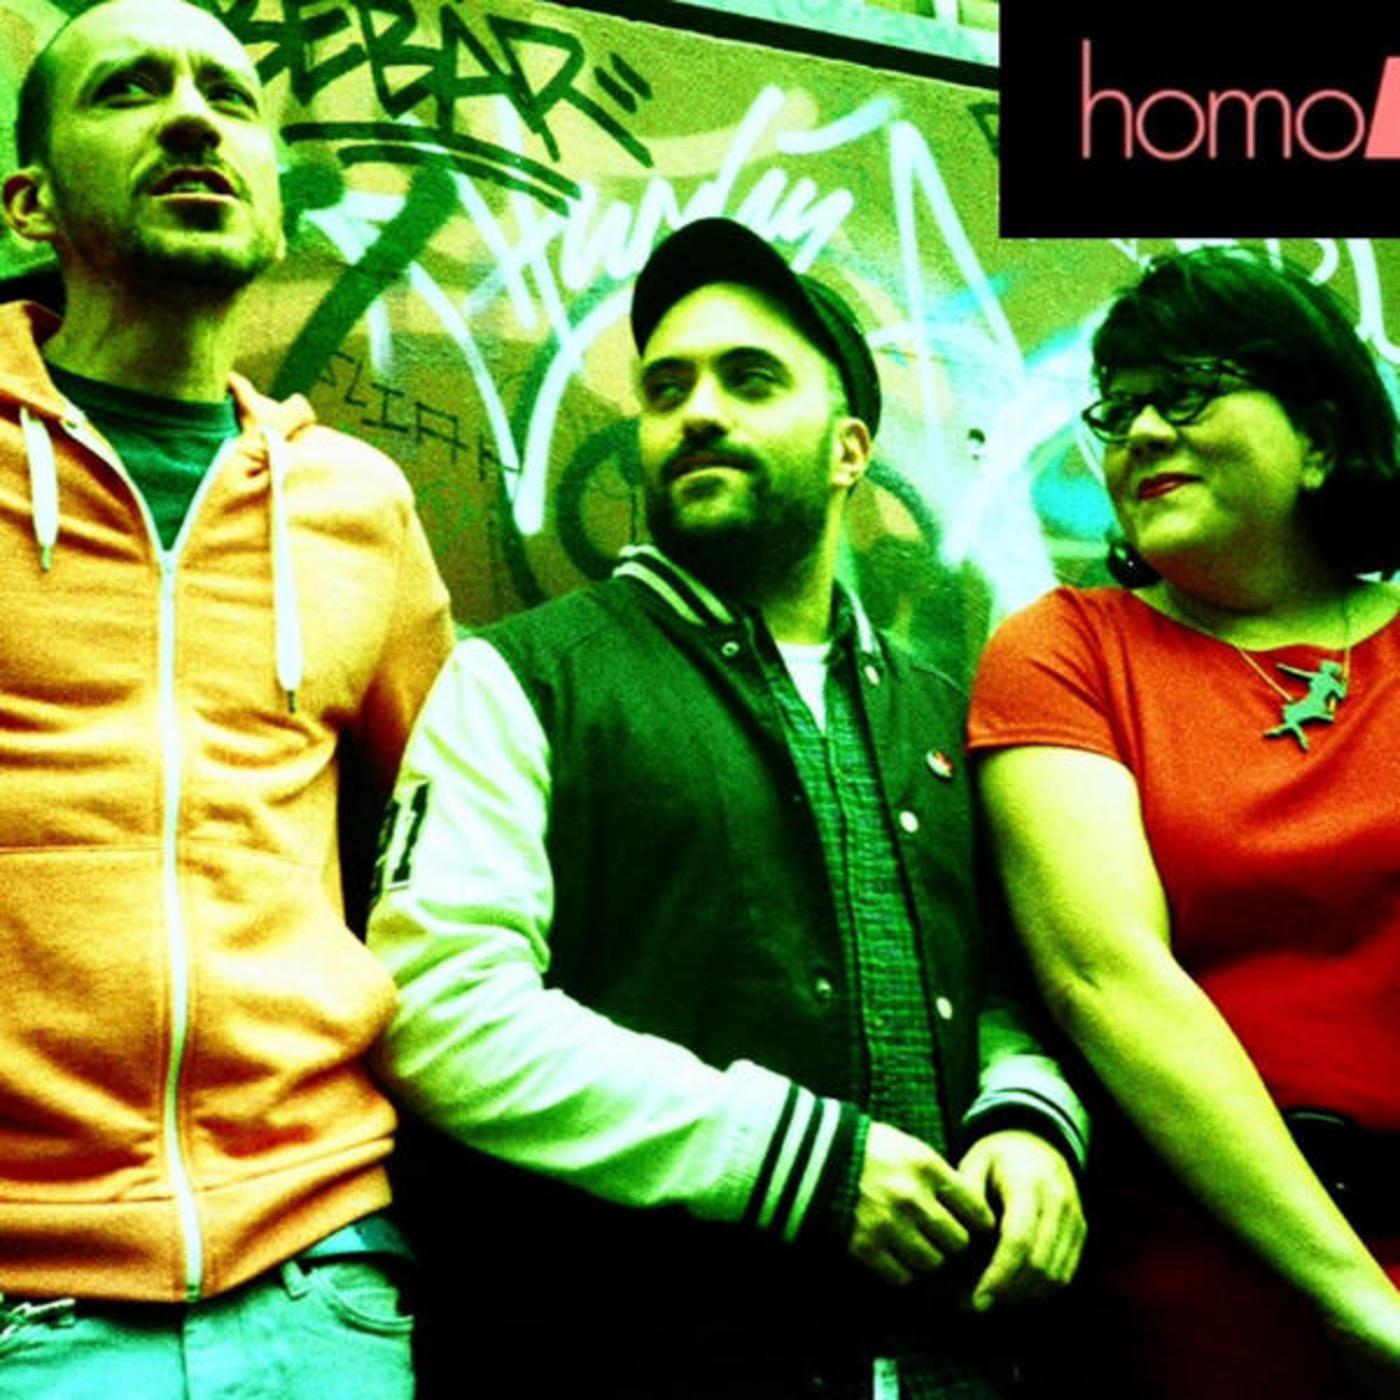 homoLAB 42